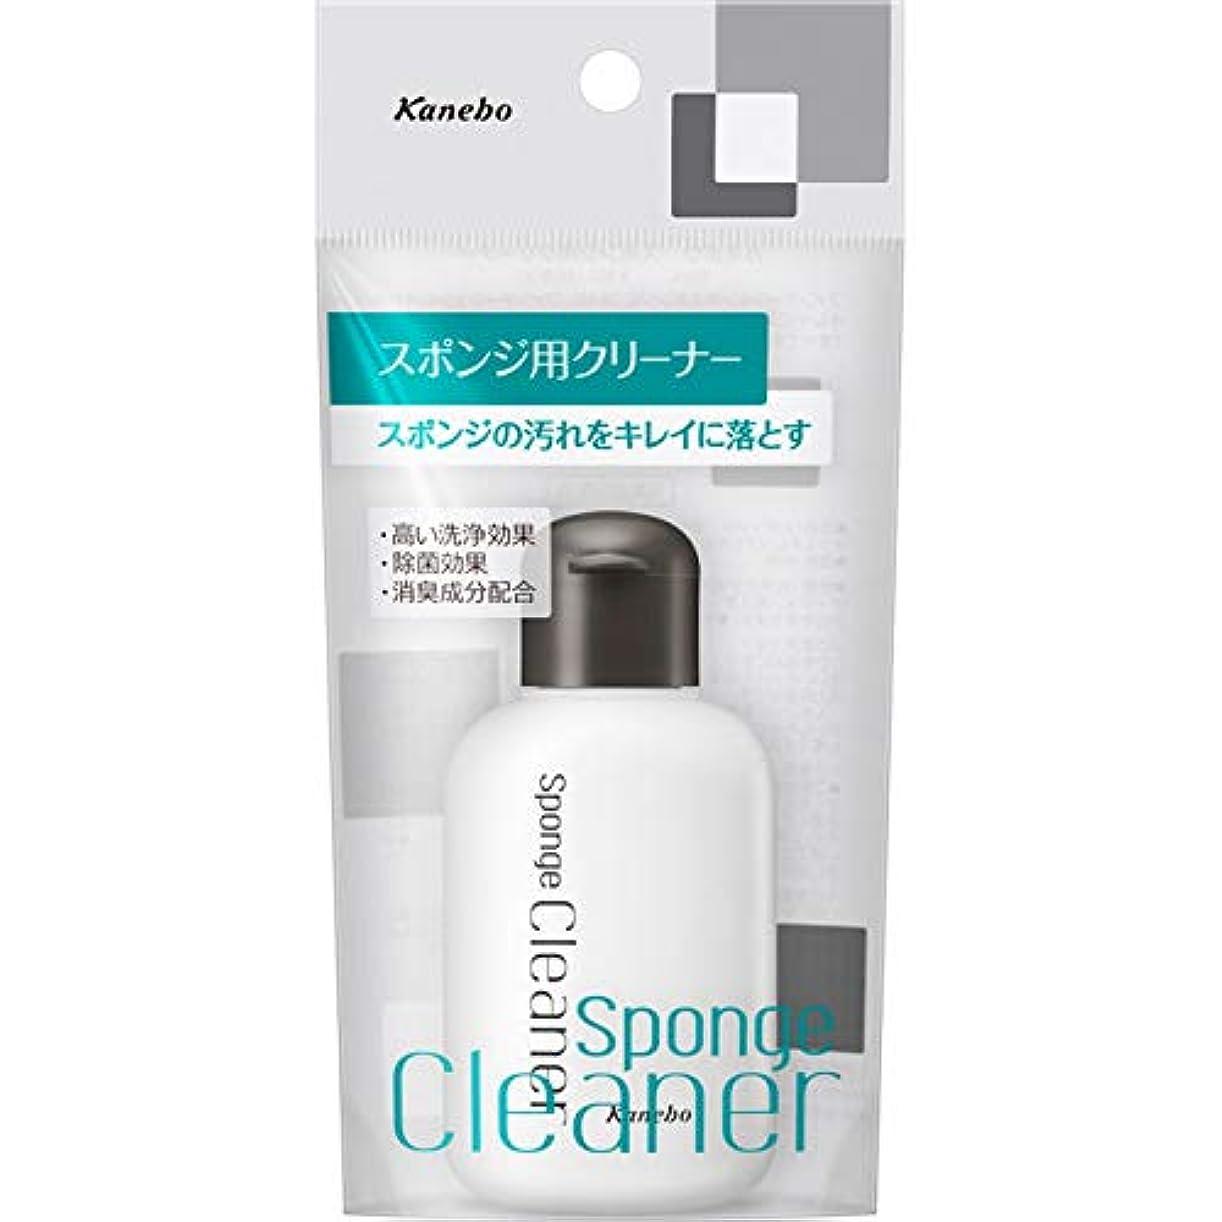 検体雪の不倫カネボウ化粧品 スポンジ用クリーナー 55ml